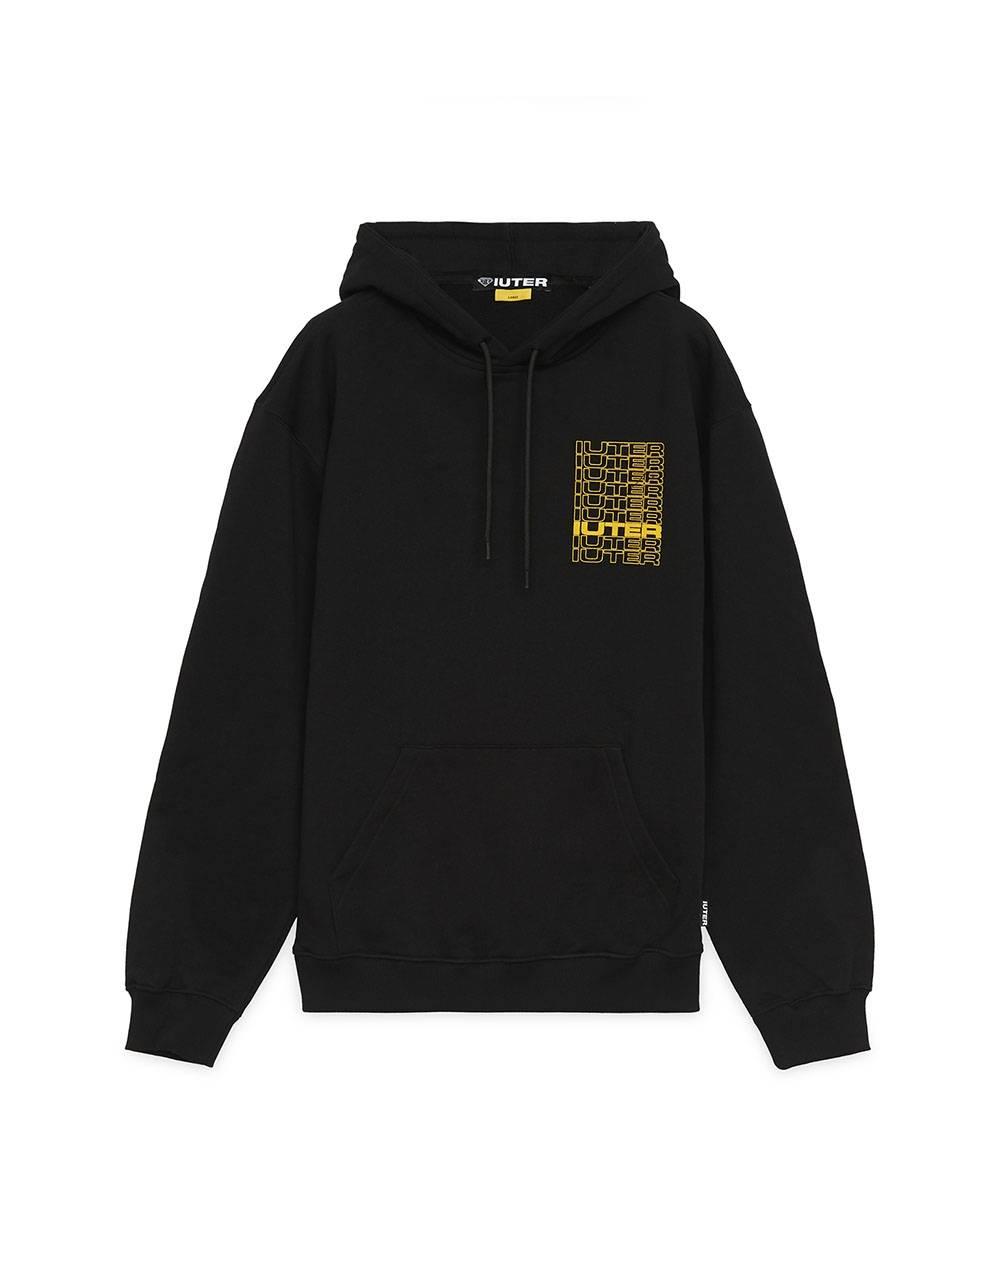 Iuter Spine Hoodie - Black IUTER Sweater 81,15€